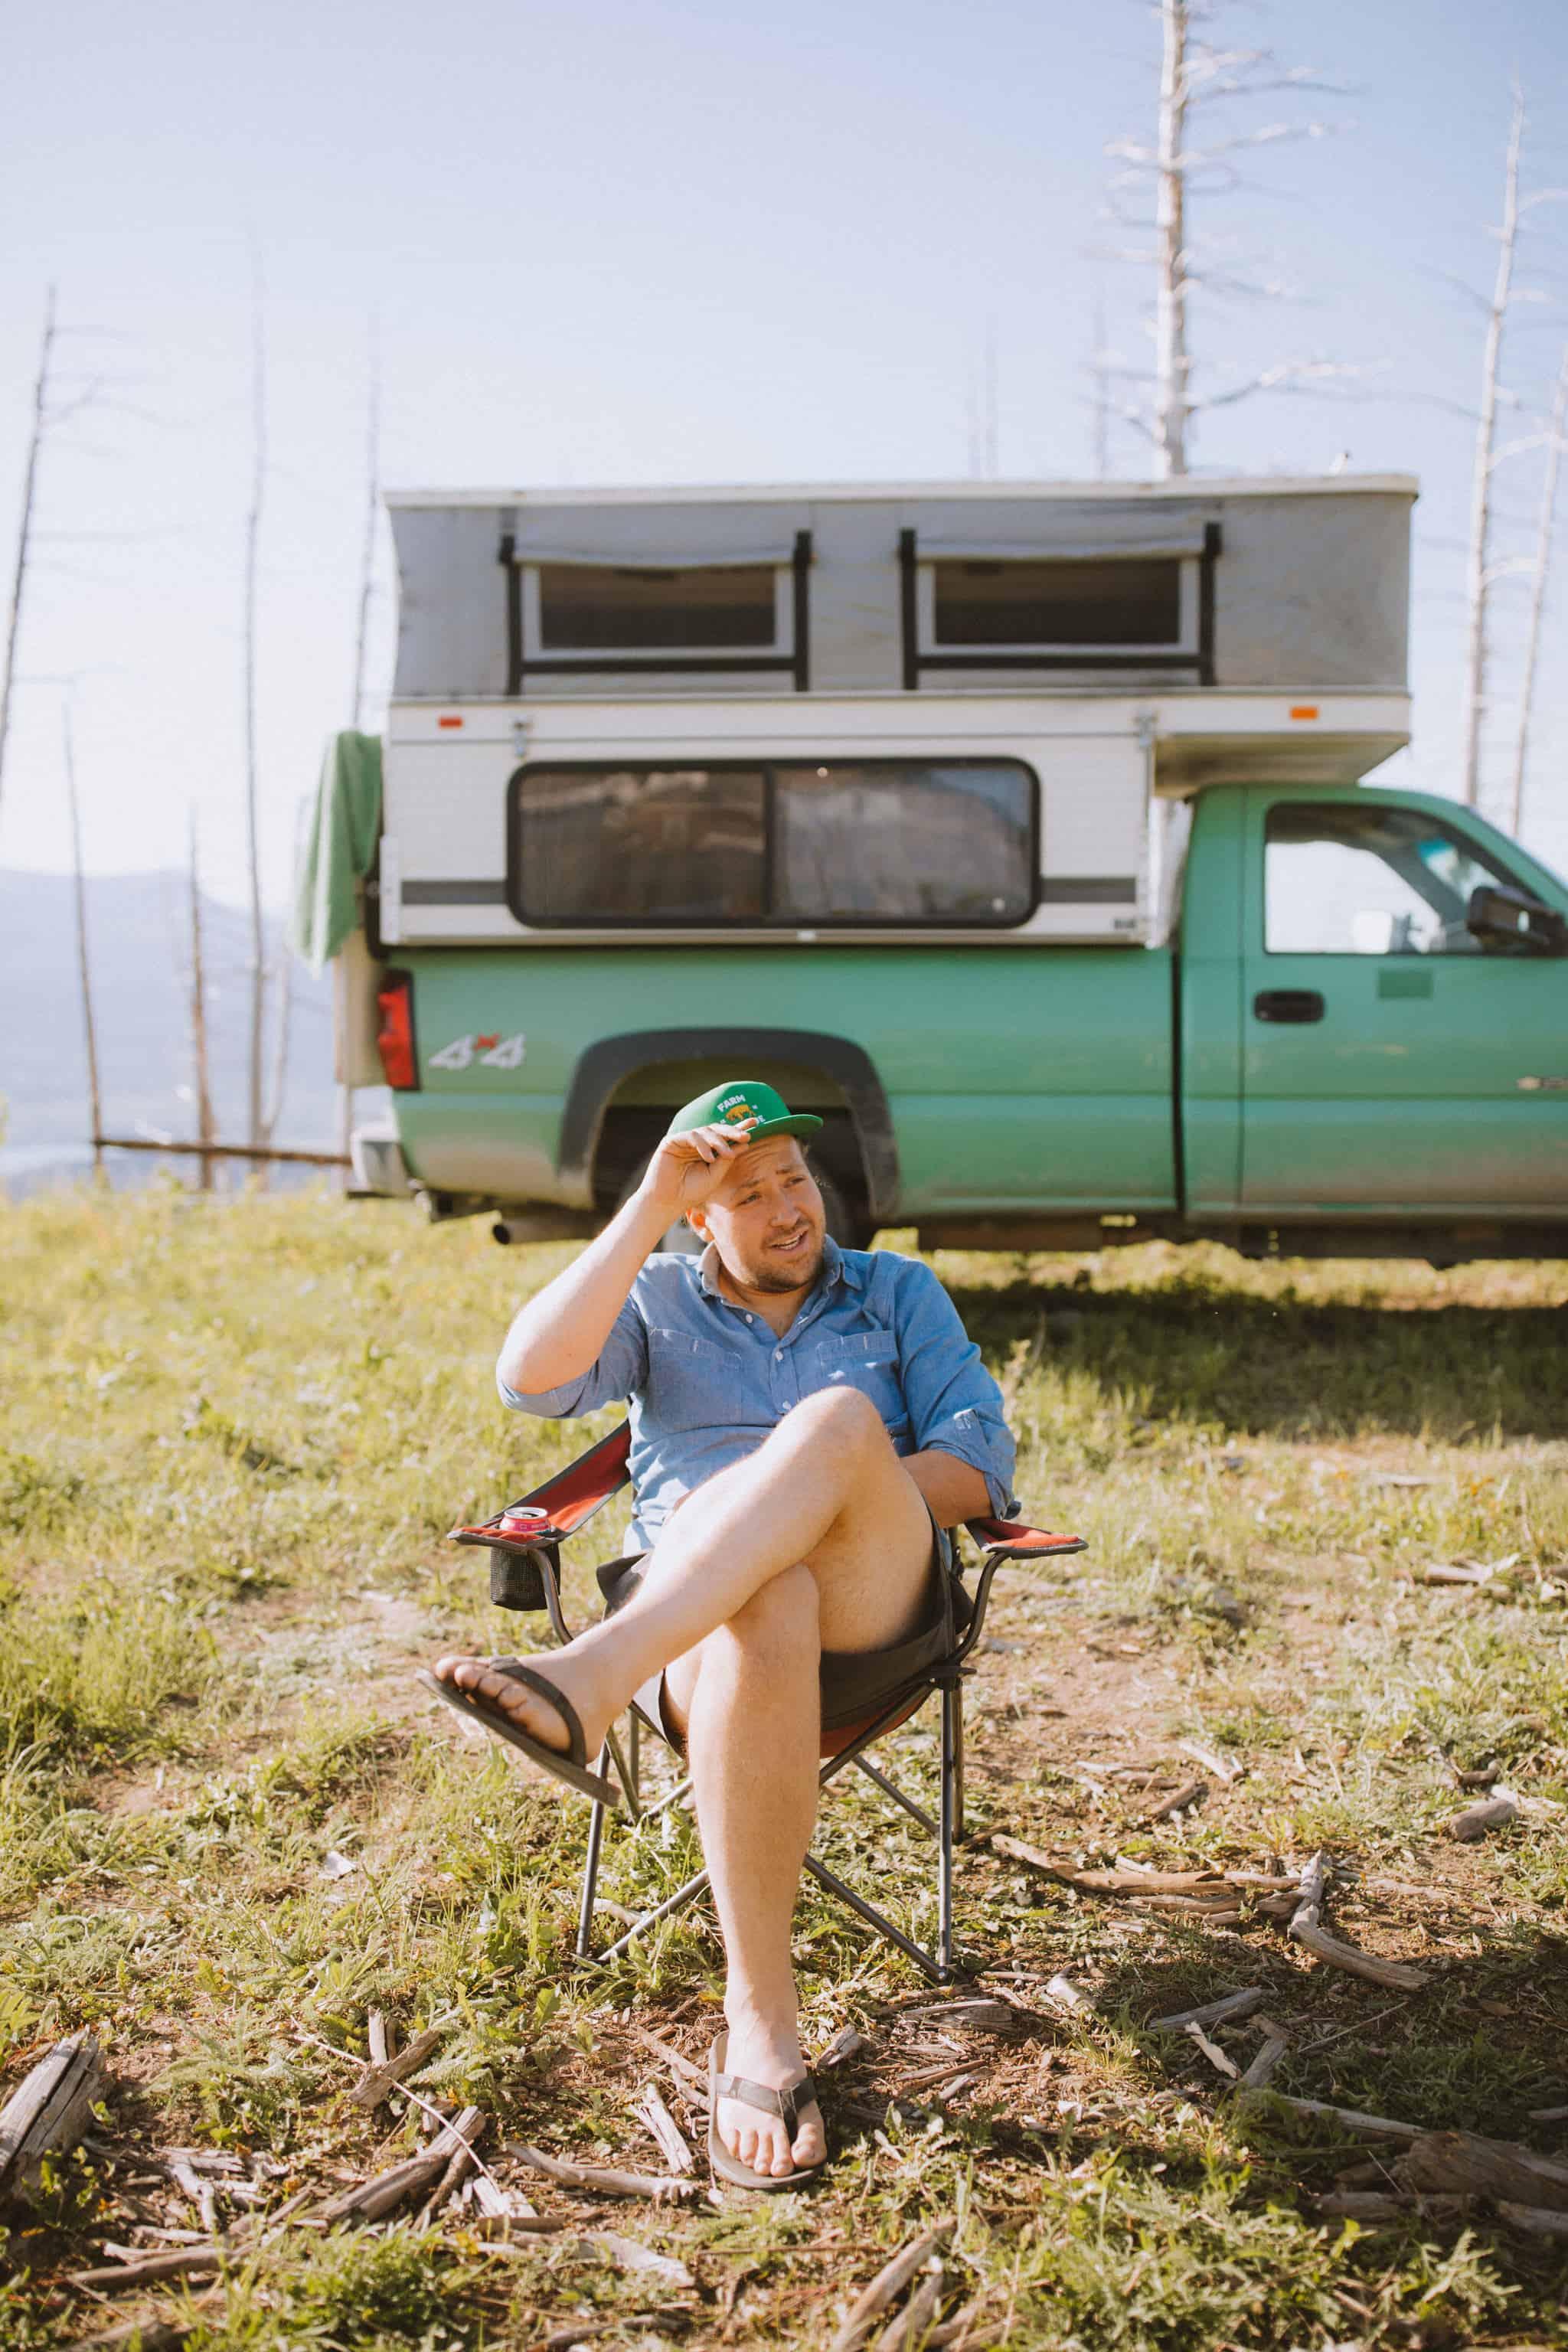 Montana Wilderness - Hiking In The Pacific Northwest - TheMandagies.com